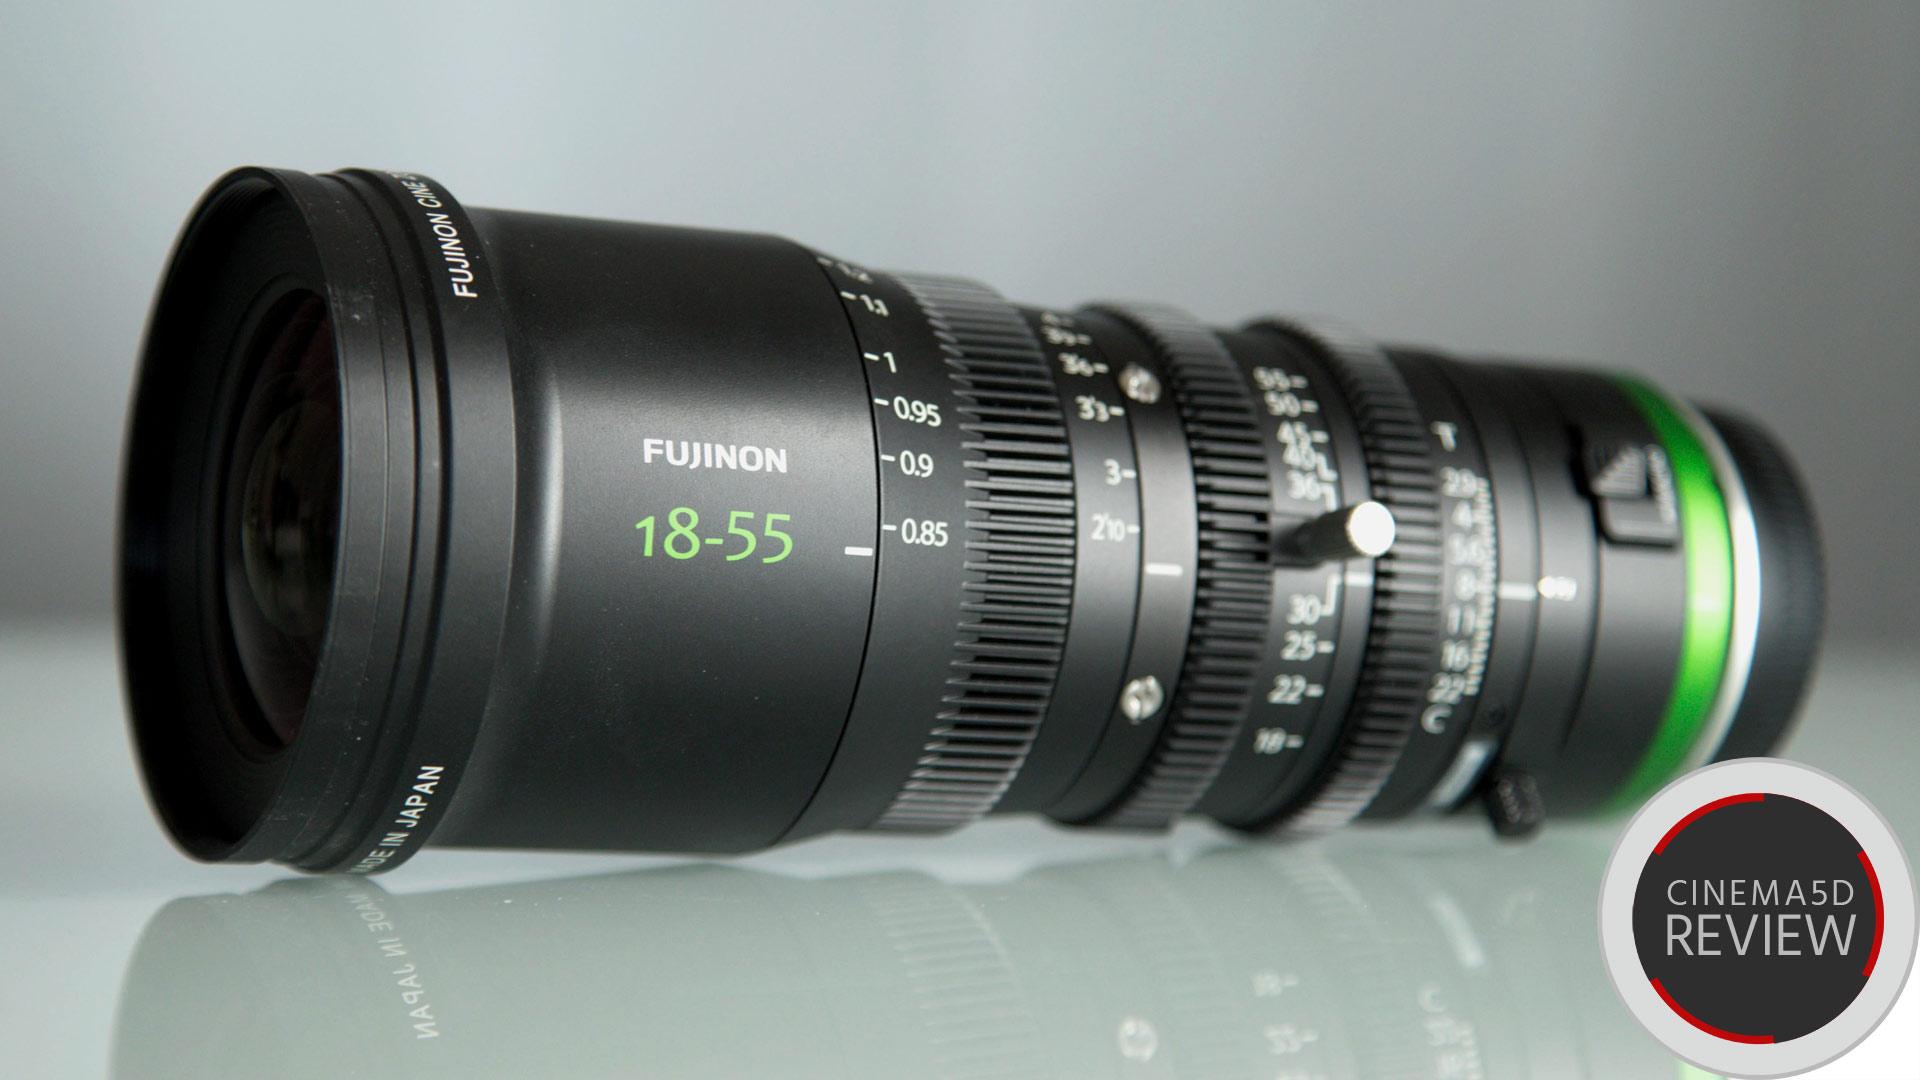 Reseña técnica del lente FUJINON MK18-55mm - El nuevo Zoom Cine E-Mount en el laboratorio